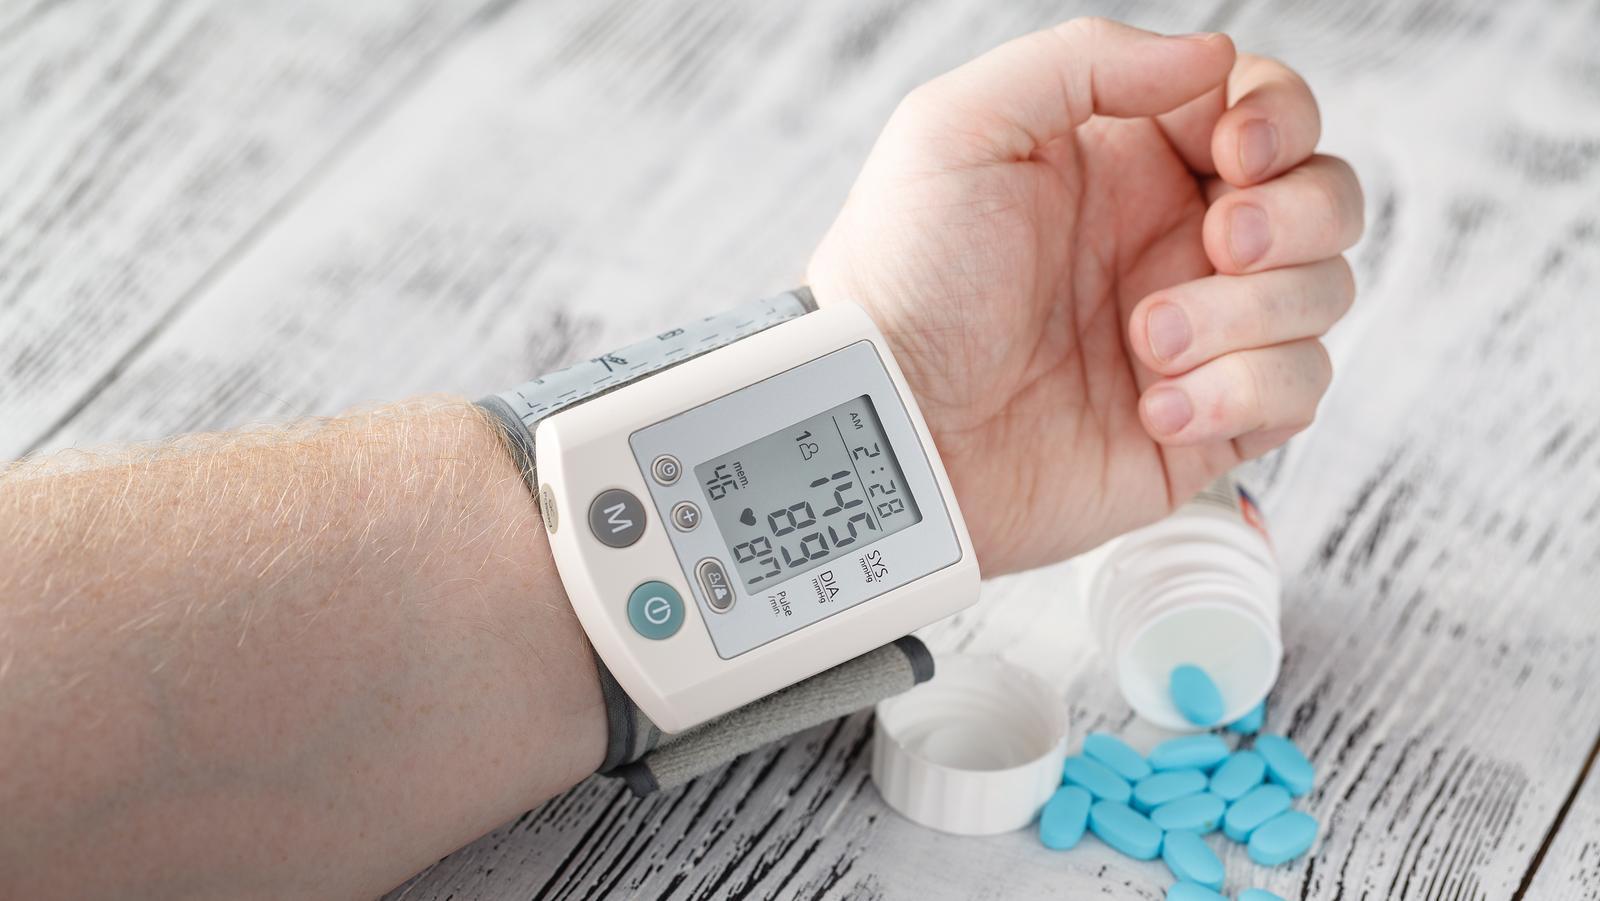 időszakos magas vérnyomás magas vérnyomás magas vérnyomás különbség